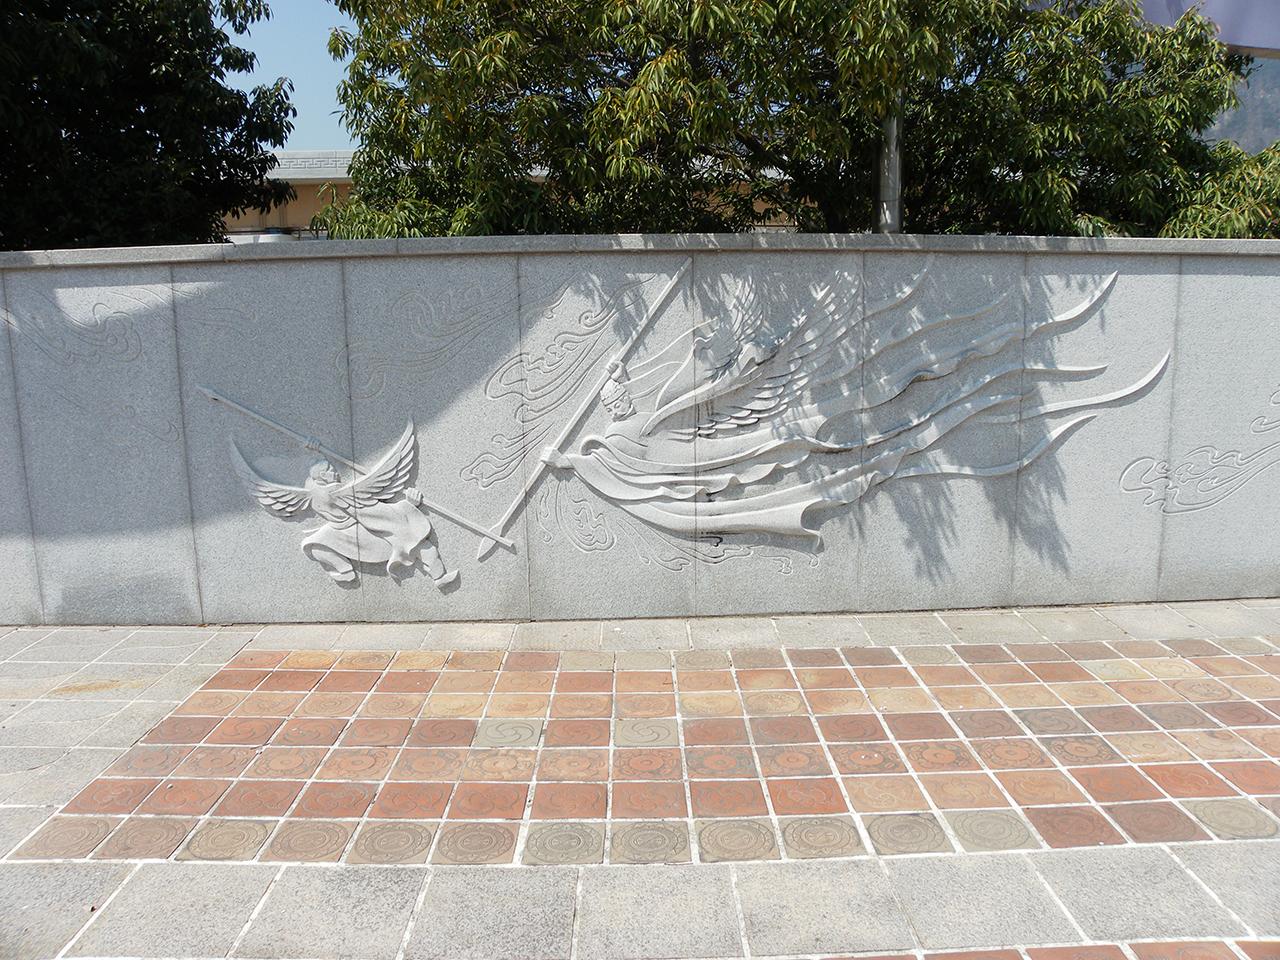 석탈해와 김수로의 대결을 상징적으로 묘사한 그림. <가락국기>에 나오는 내용을 형상화한 것이다. 경남 김해시의 국립김해박물관 맞은편에 있는 벽화의 일부다.